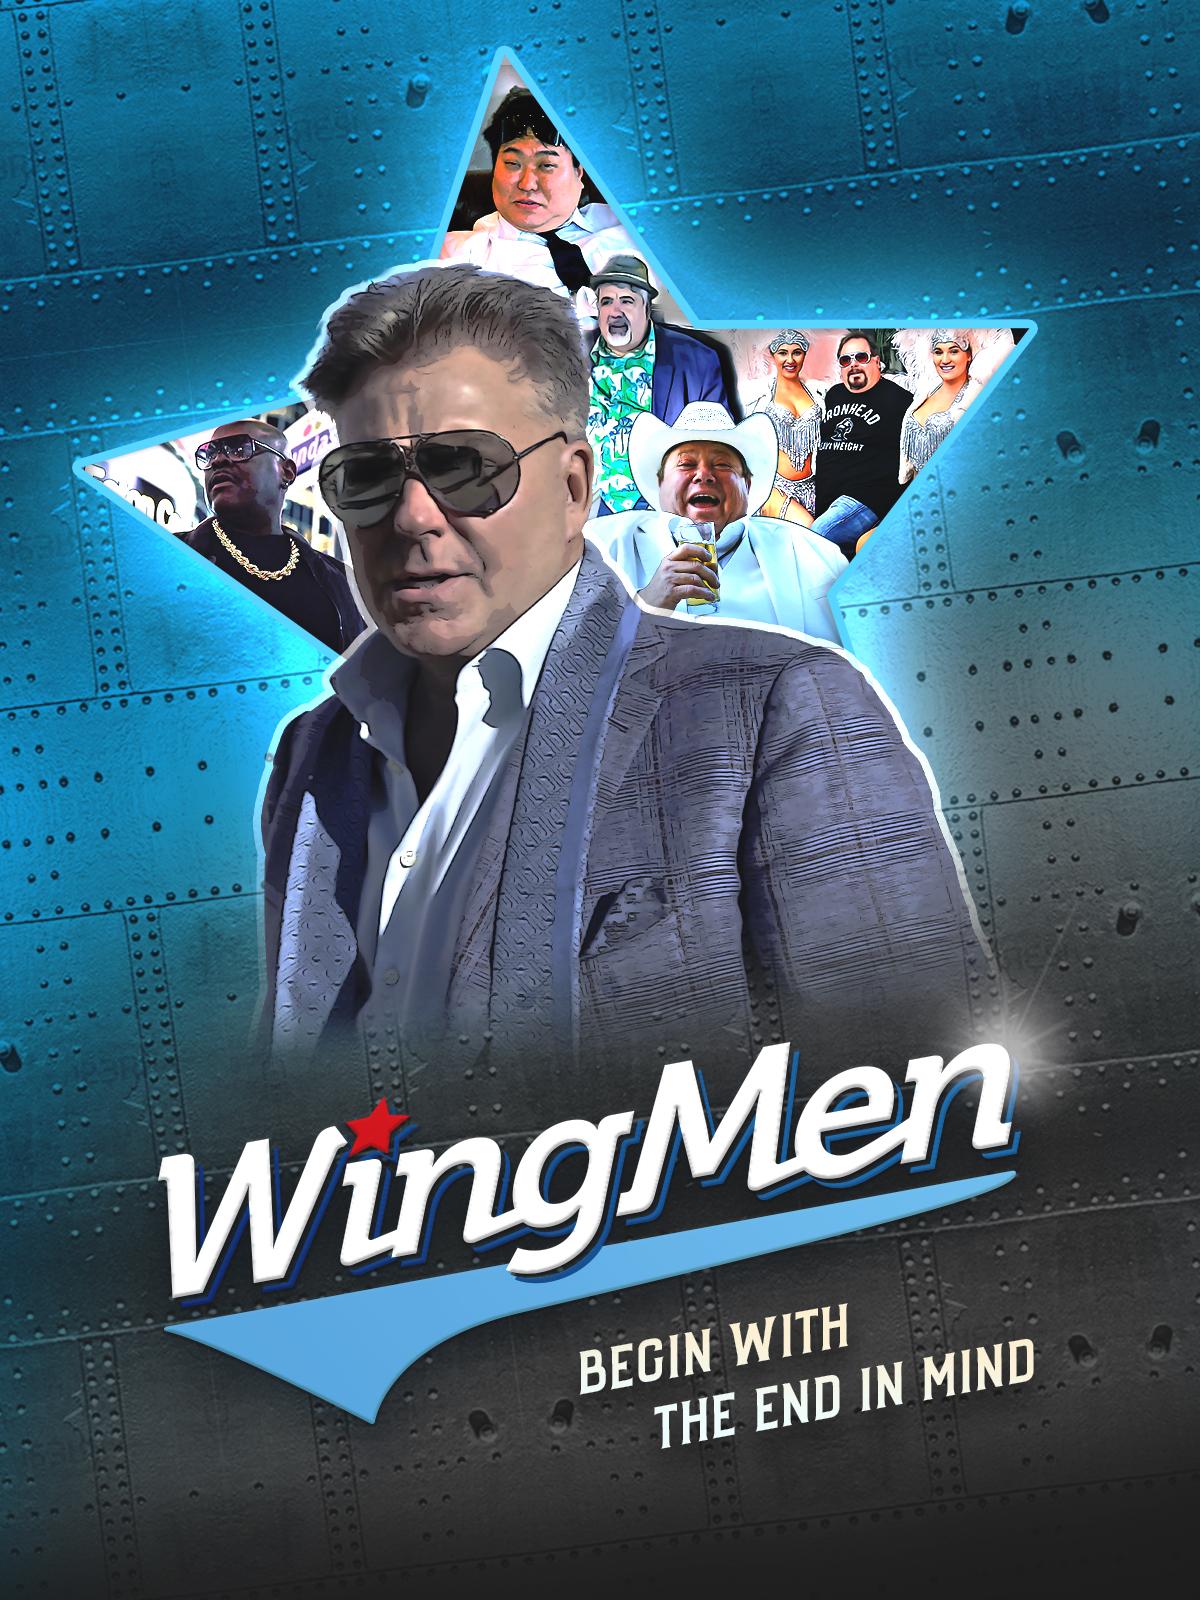 Download Filme Wingmen Torrent 2021 Qualidade Hd